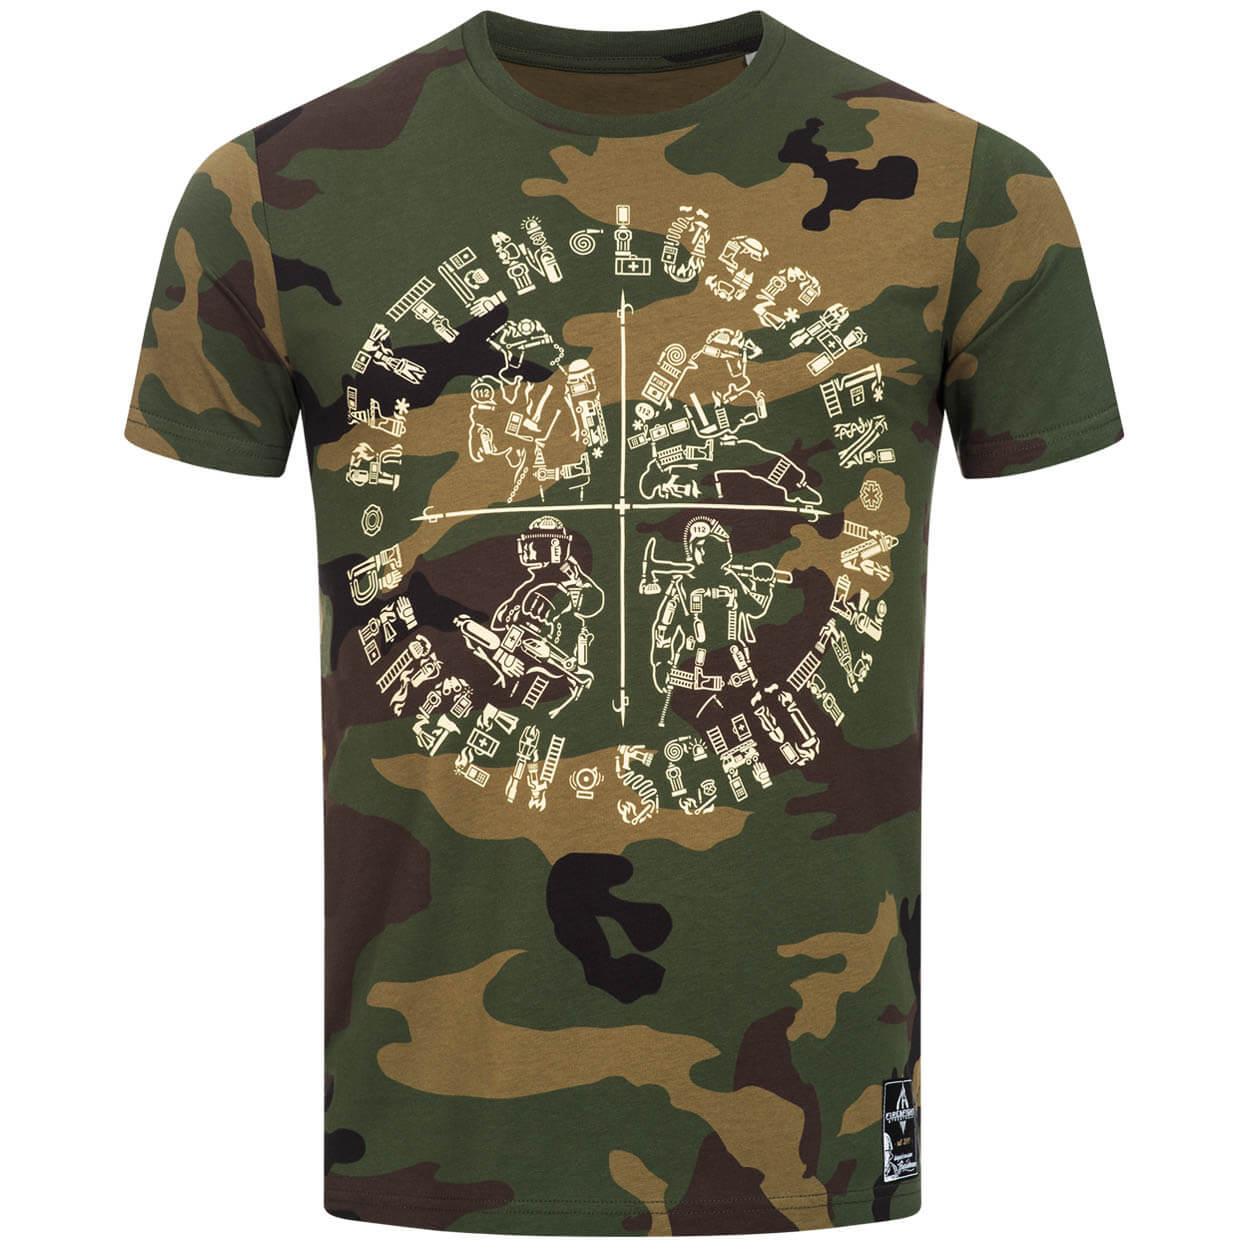 Retten Löschen Bergen Schützen - Männer T-Shirt Camouflage